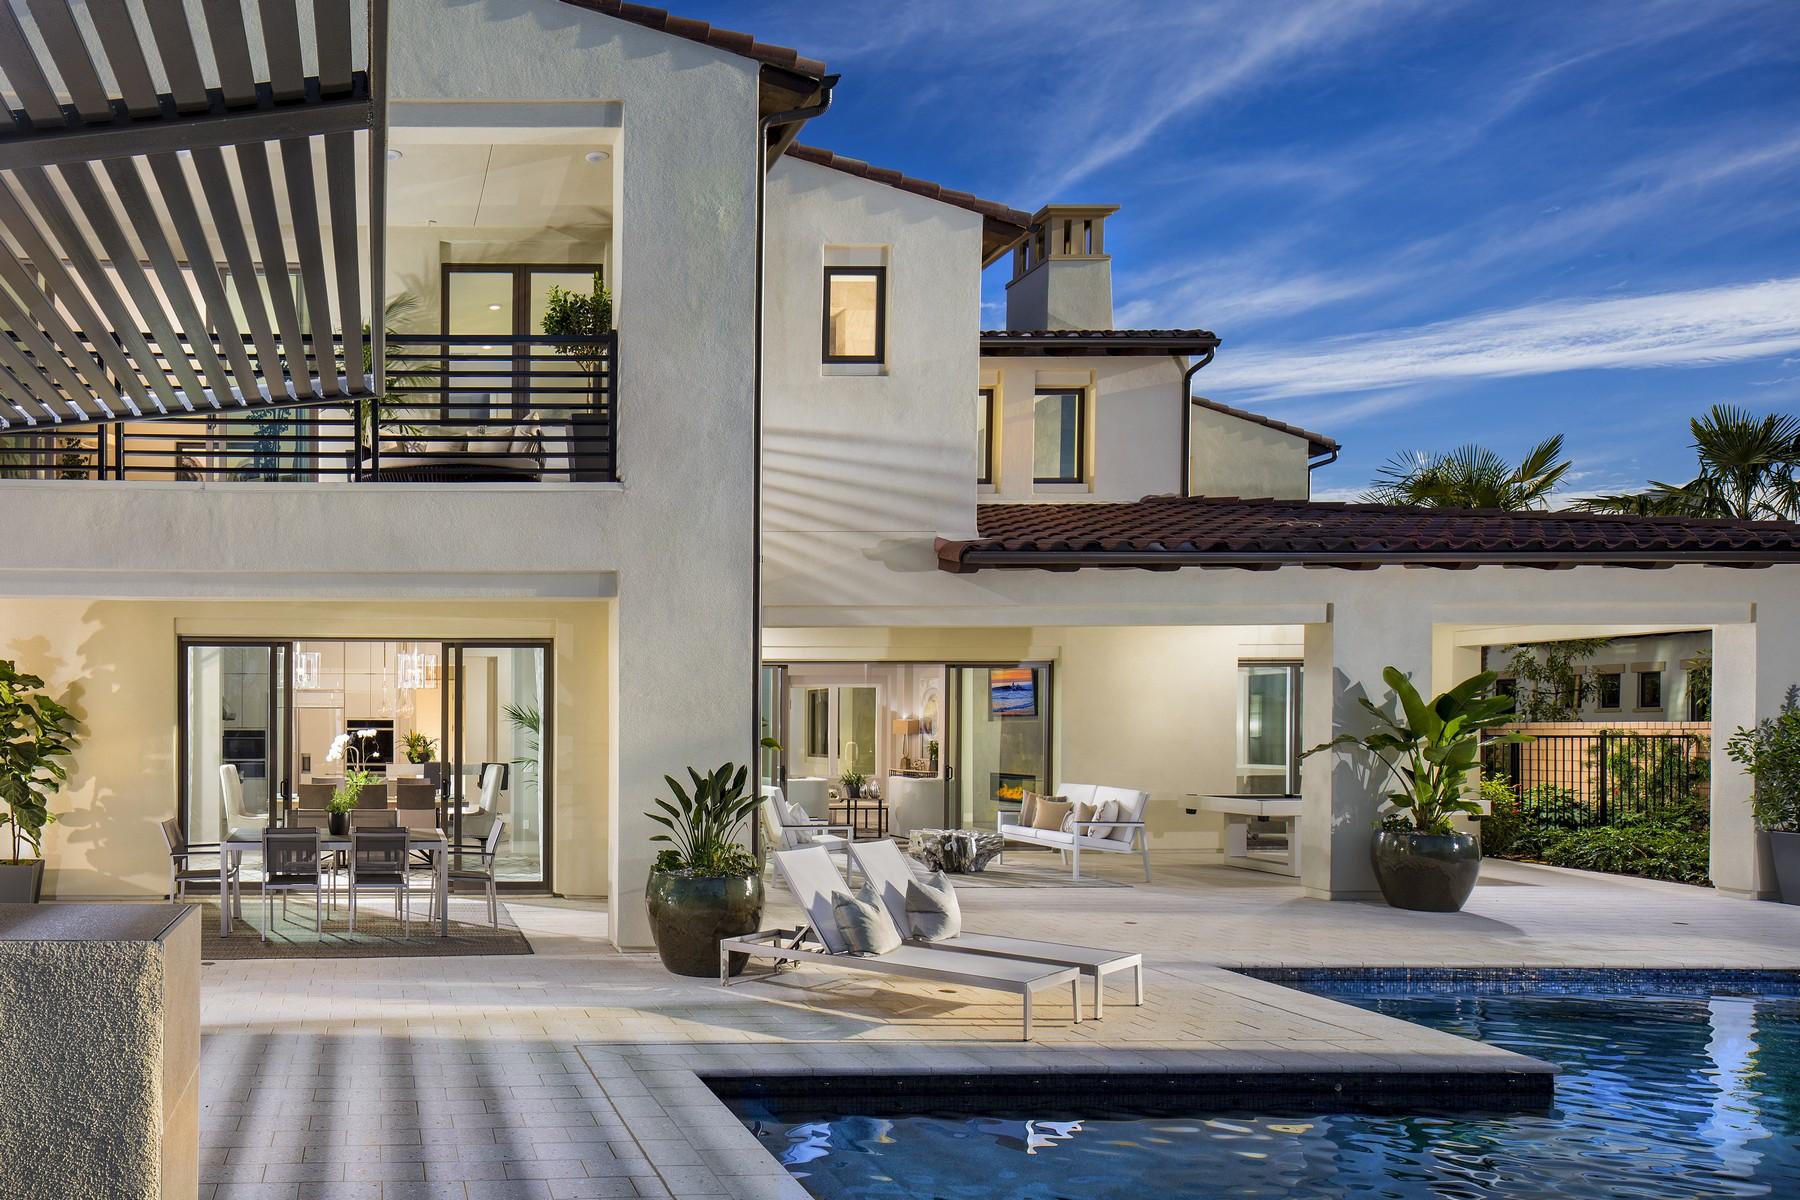 独户住宅 为 销售 在 Artesana 6412 Meadowbrush Circle, 圣地亚哥, 加利福尼亚州, 92130 美国